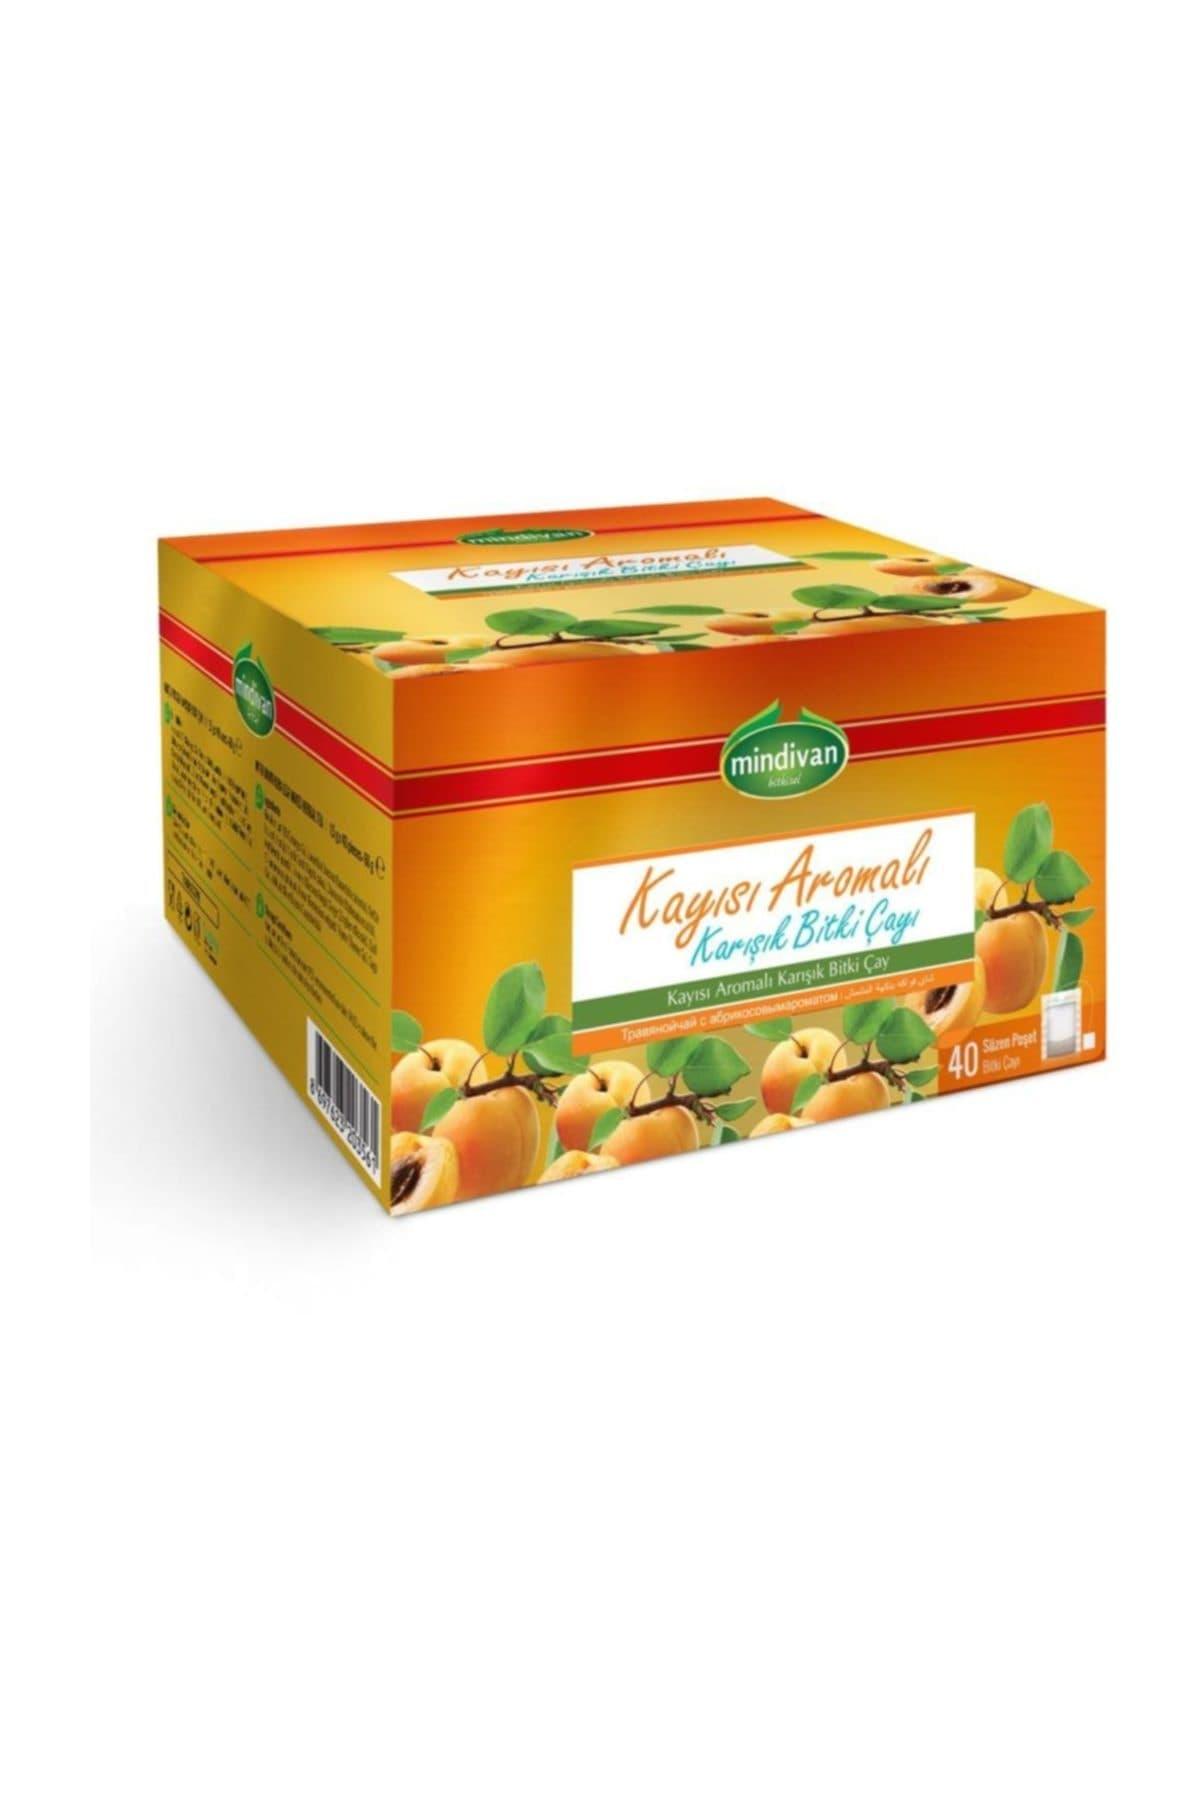 Mindivan Kayısı Aromalı Karışık Bitki Çayı 40'lı ürünü